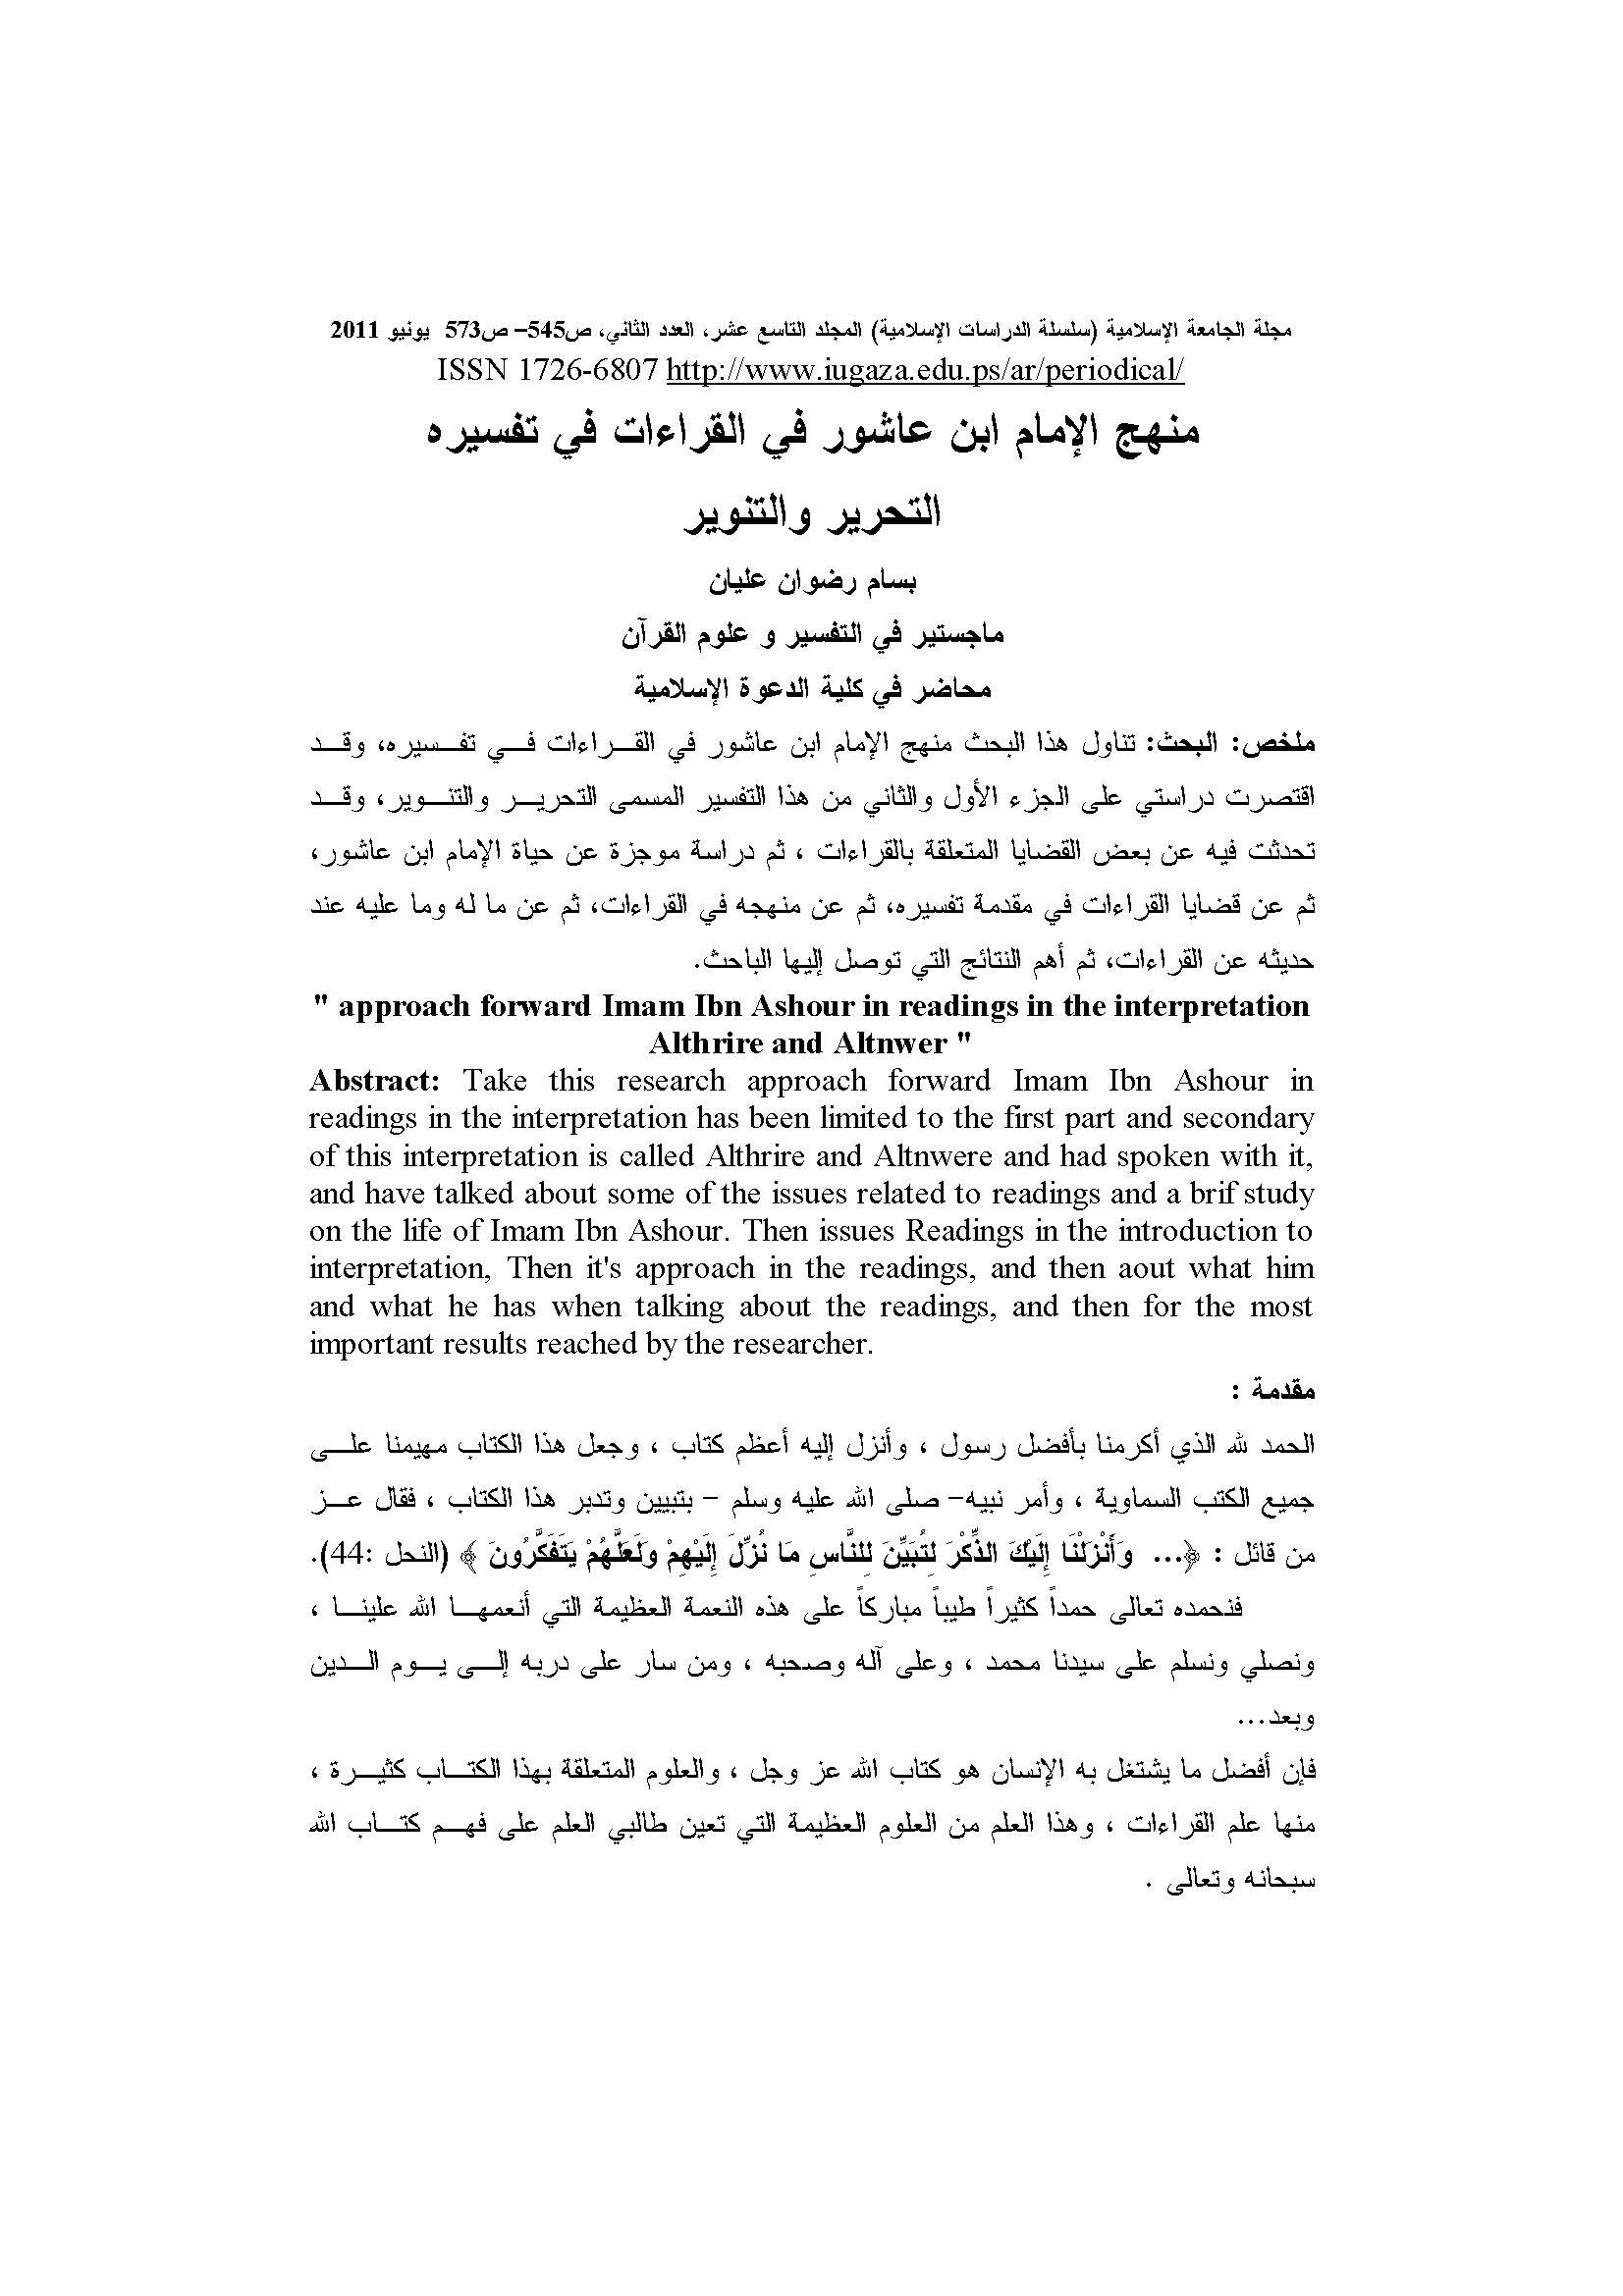 تحميل كتاب منهج الإمام ابن عاشور في القراءات في تفسيره «التحرير والتنوير» لـِ: بسام رضوان شحادة عليان